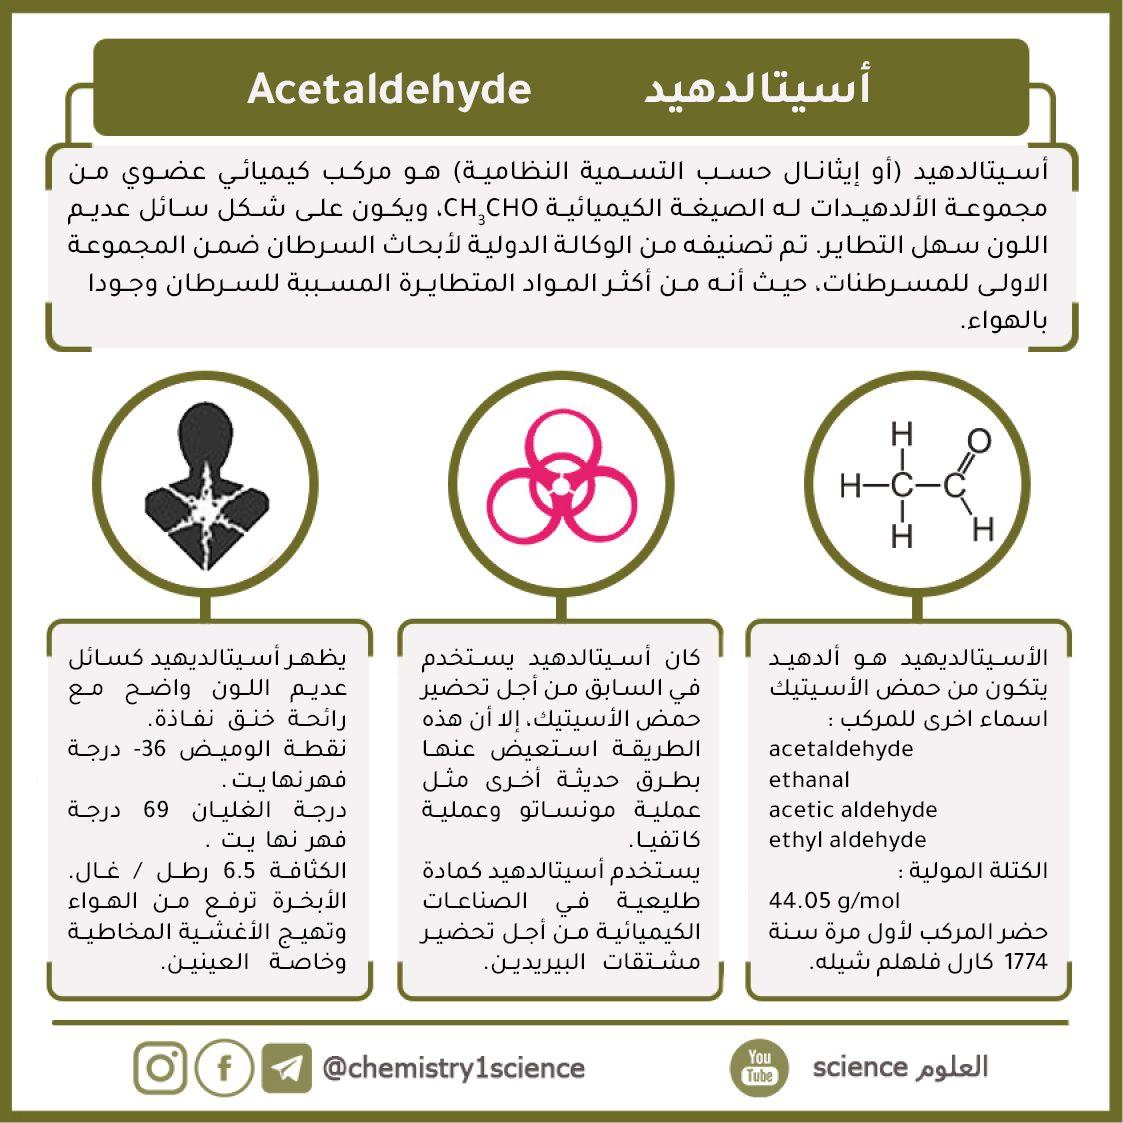 أسيتالديهايد Acetaldehyde Chemistry Aoii Jul